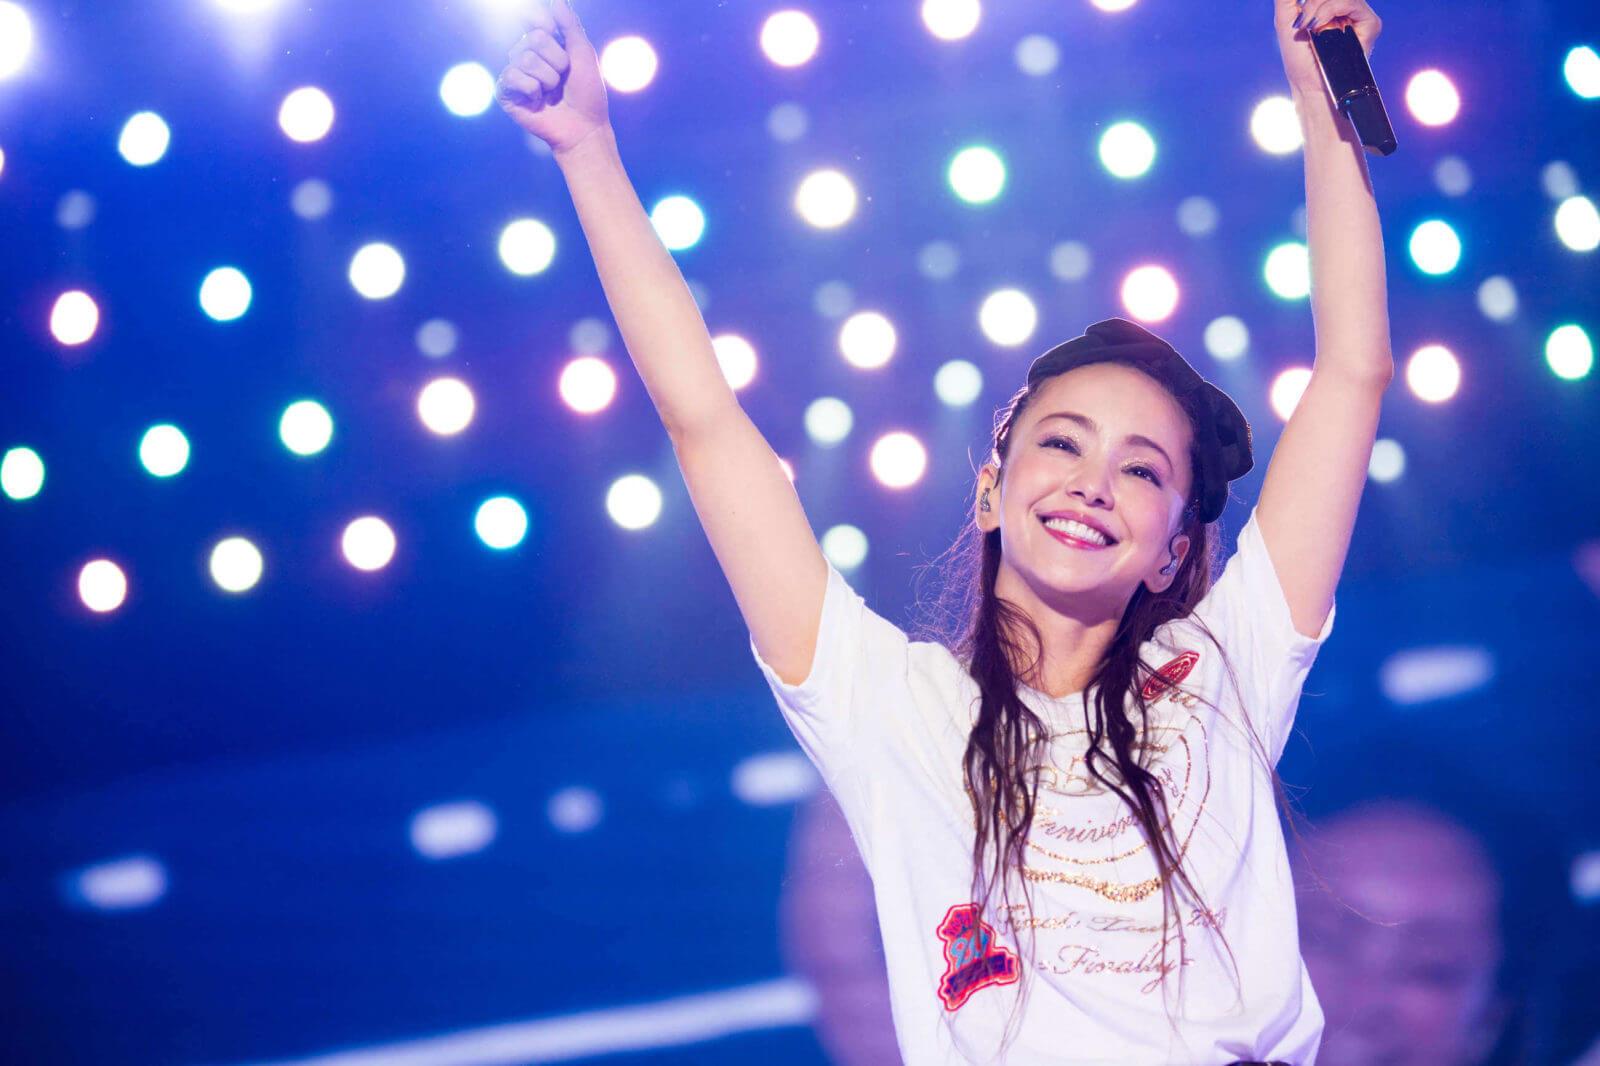 安室奈美恵ファンが『ZIP』のある告知に興奮「言ったよね!?」サムネイル画像!